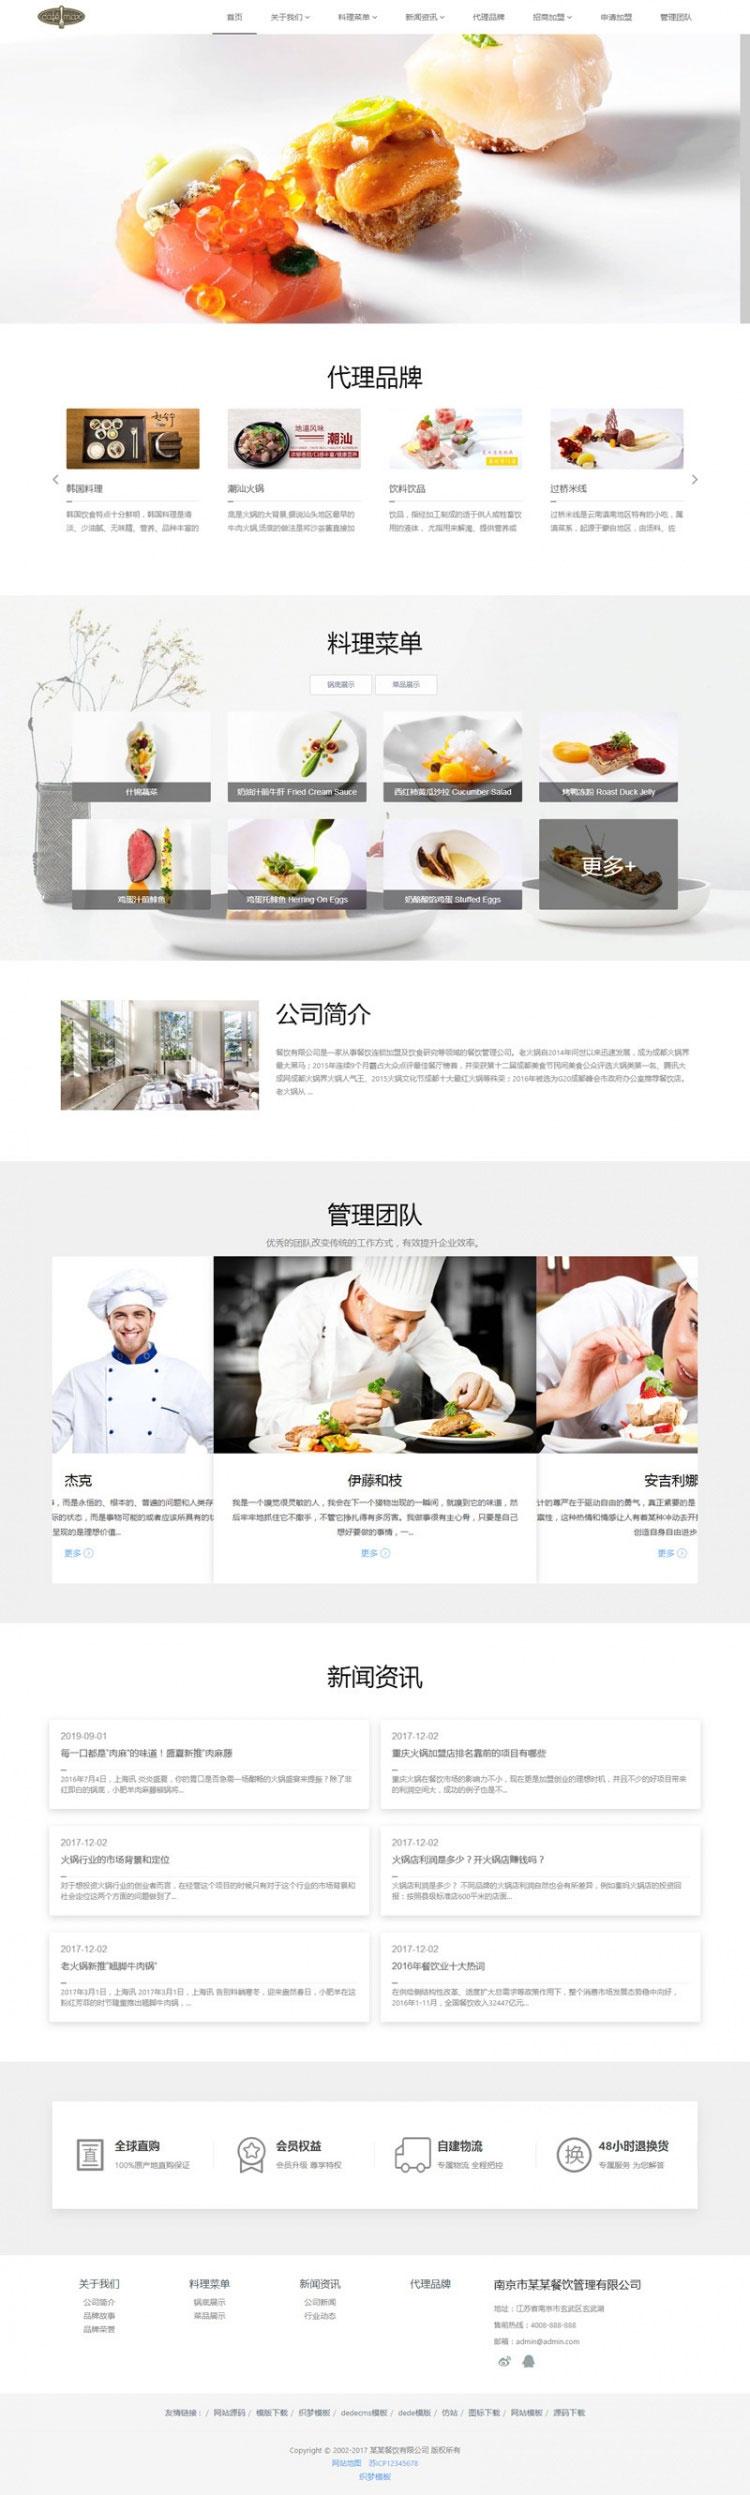 响应式餐饮管理餐饮加盟企业网站源码 织梦dedecms模板 (自适应手机移动端)